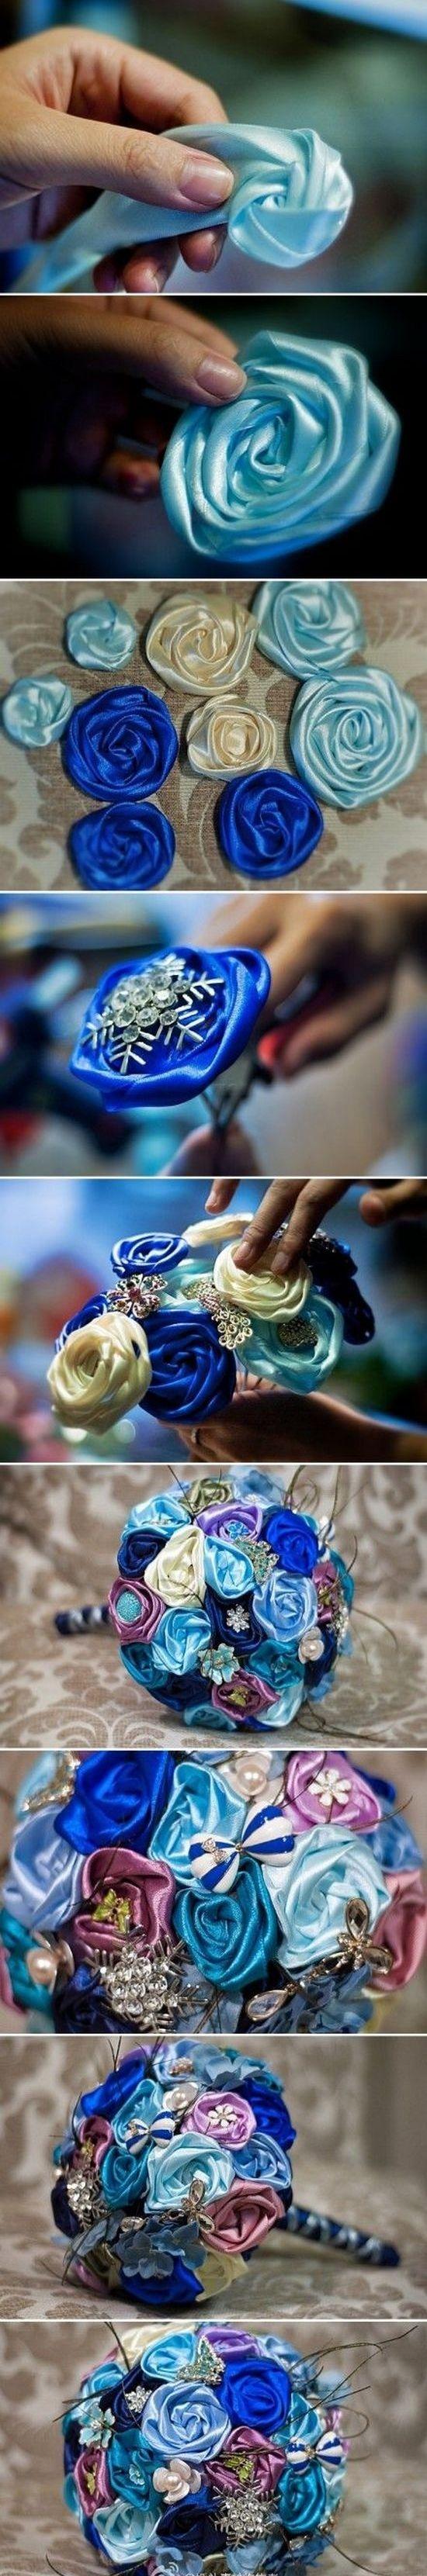 Технология создания роз для букета из лент